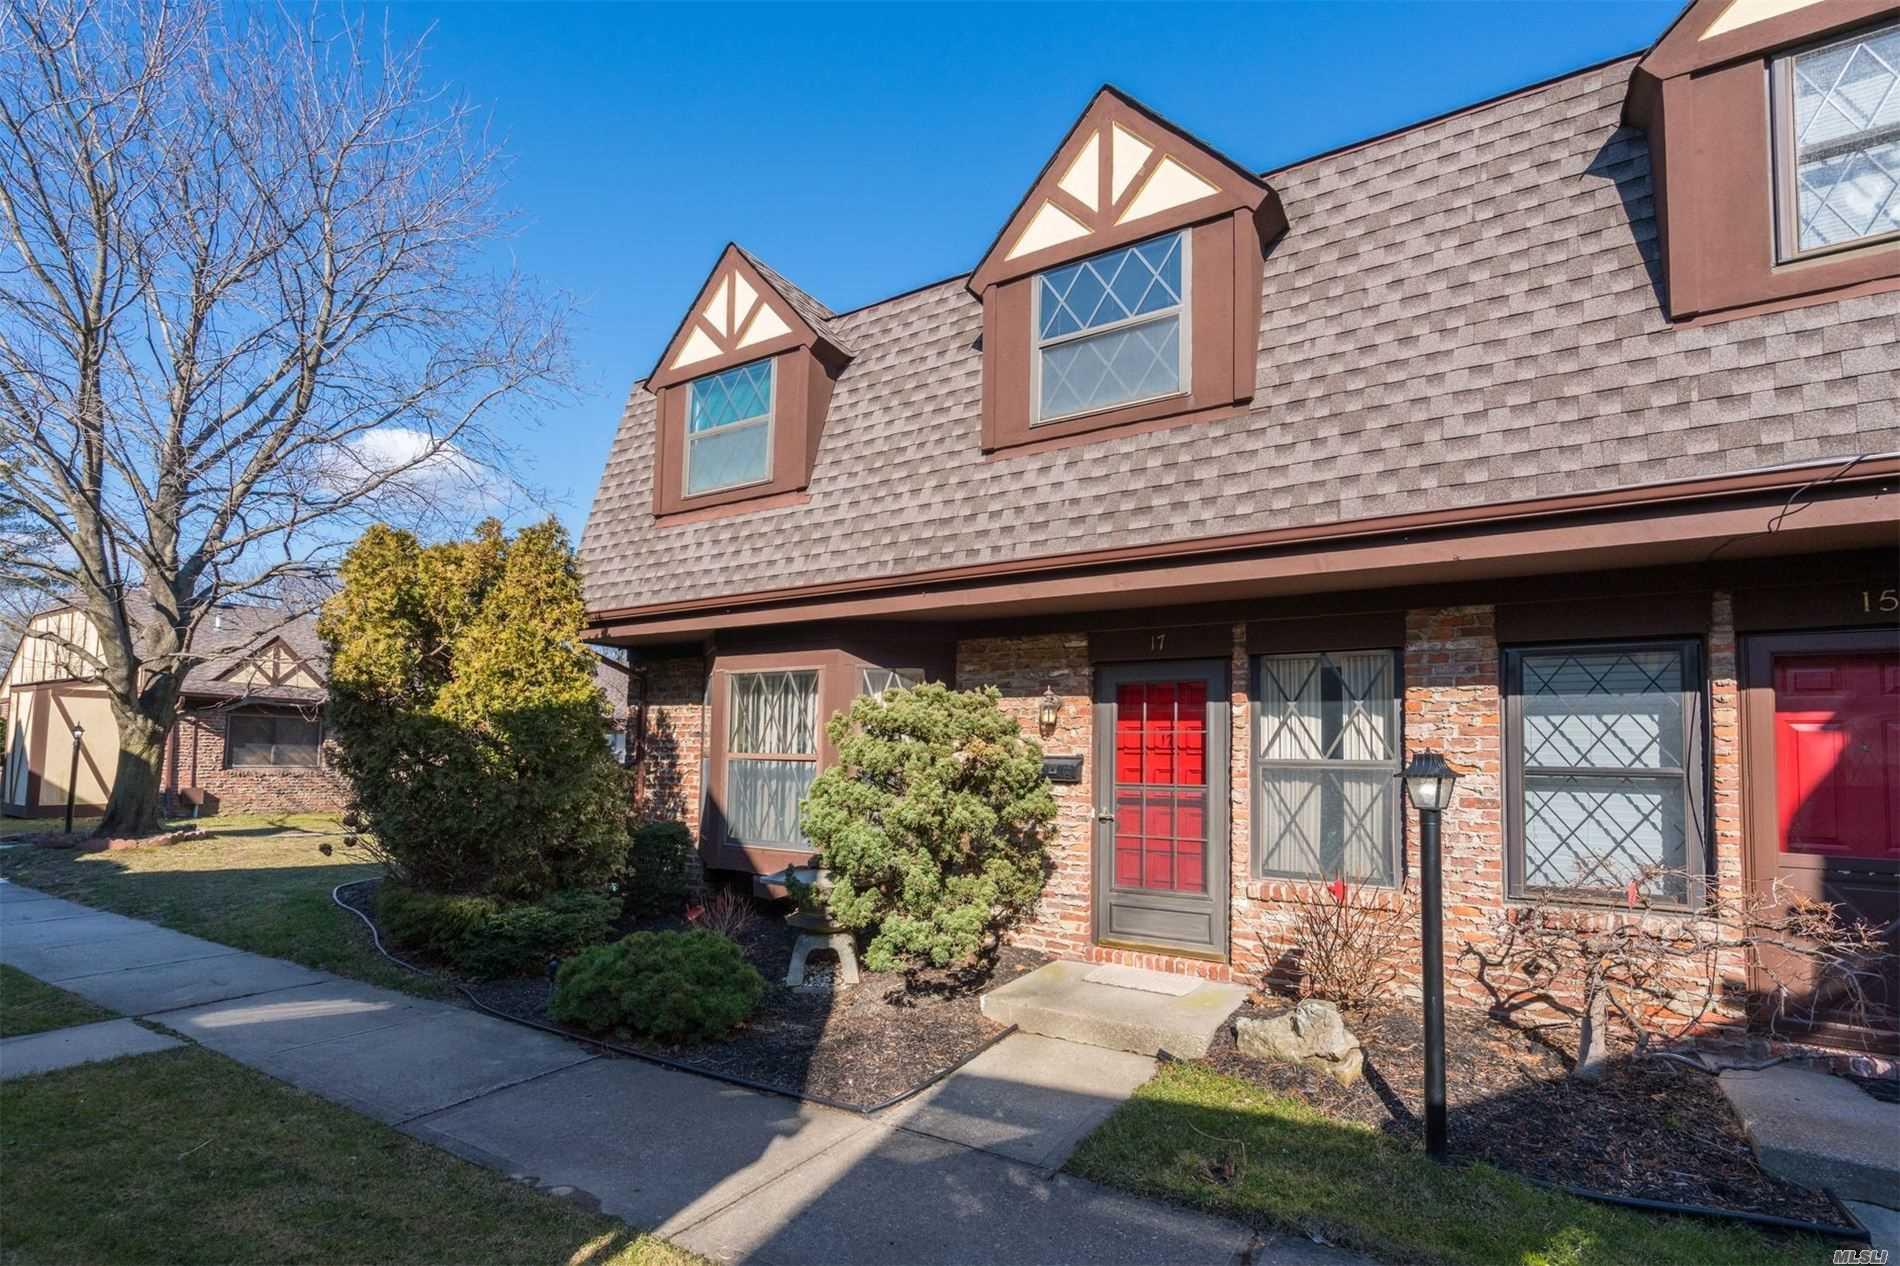 Property for sale at 17 Woodcreek Court, Deer Park NY 11729, Deer Park,  New York 11729